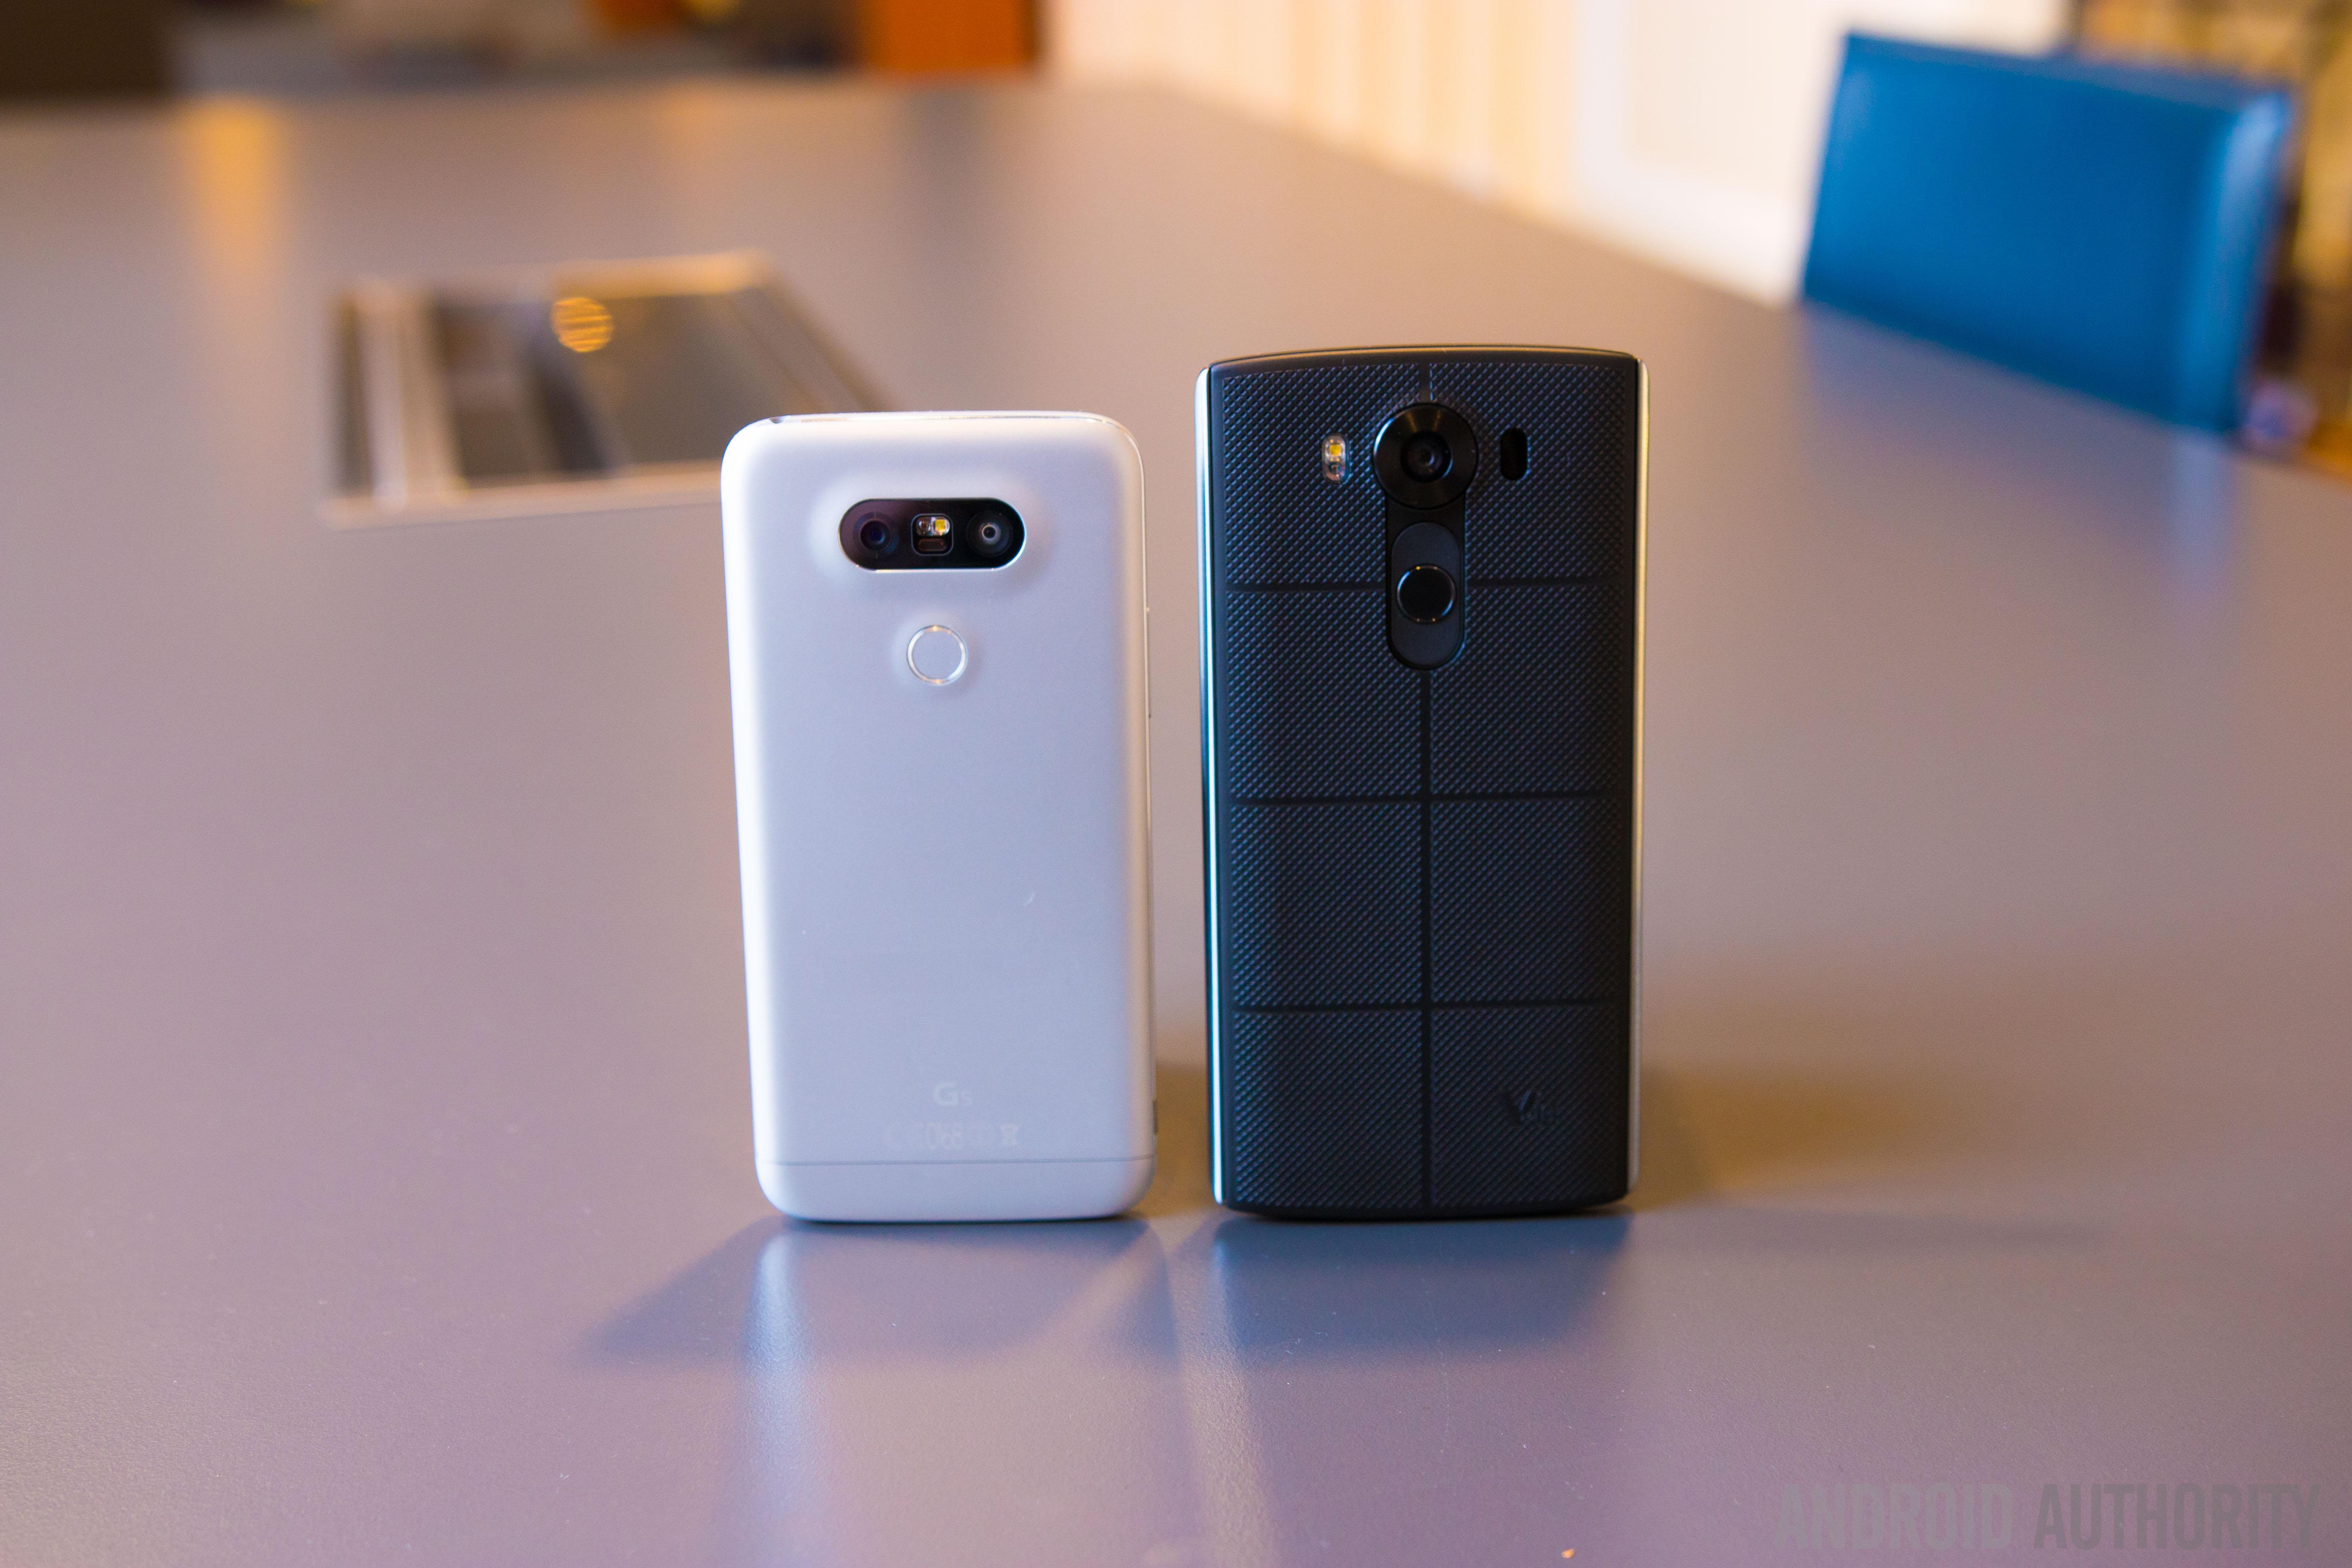 LG G5 vs LG V10 quick look-1